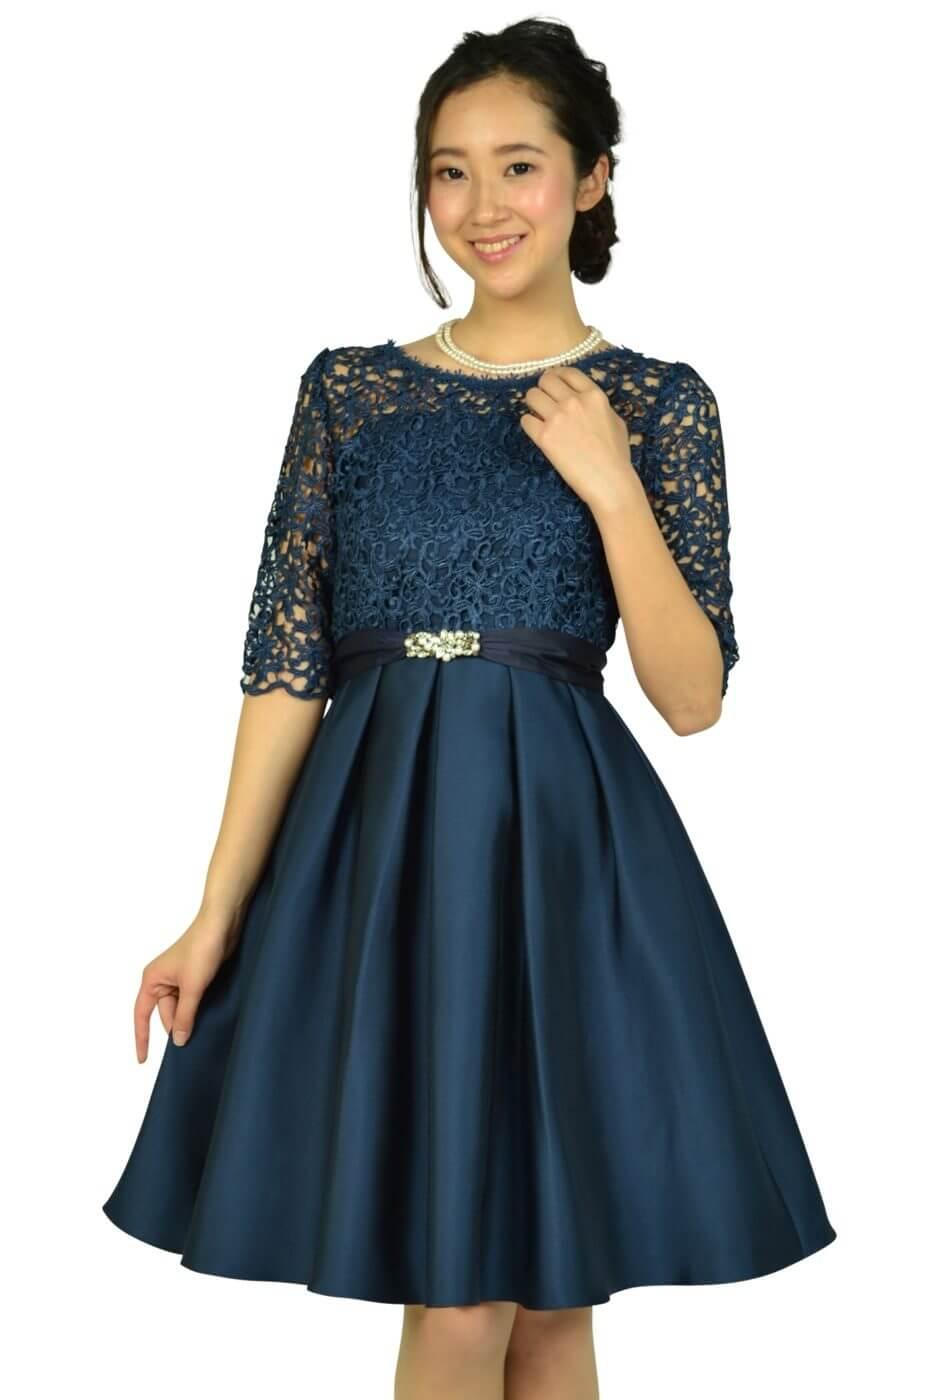 クチュールブローチ (Couture Brooch)フィットアンドフレアレースネイビードレス